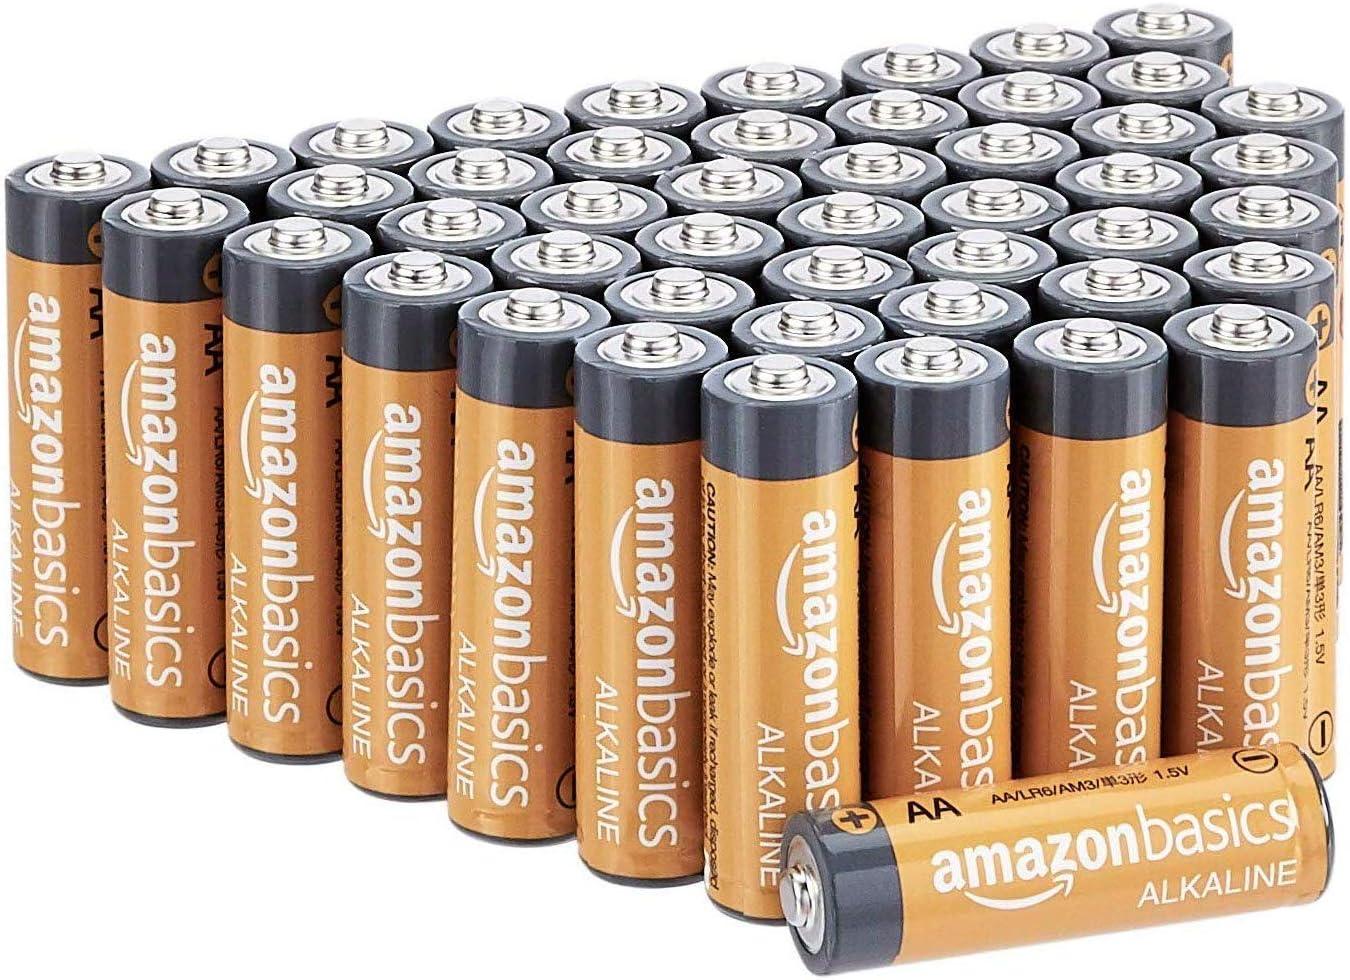 亚马逊基础知识48包AA高性能碱性电池,10年保质期,易于开放的价值